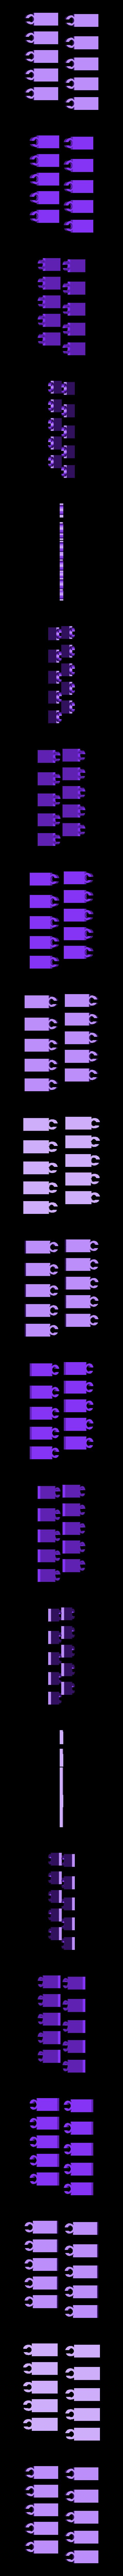 portes étiquette 5 version finale.stl Télécharger fichier STL gratuit Étiquettes à fixer pour repérage câble d'alimentation électrique • Modèle imprimable en 3D, llicari